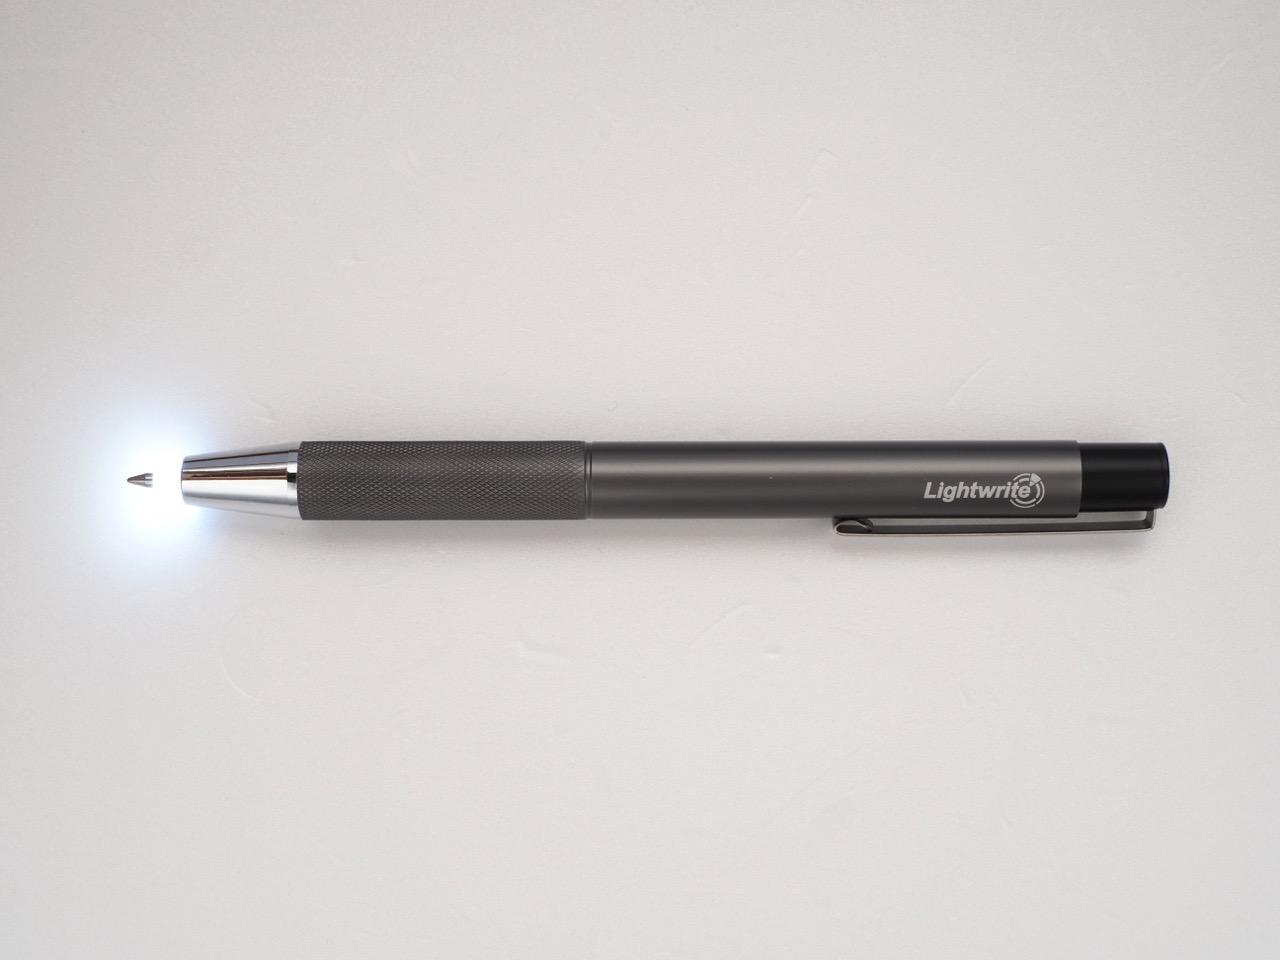 夜間用の筆記具、使い方はいろいろあります